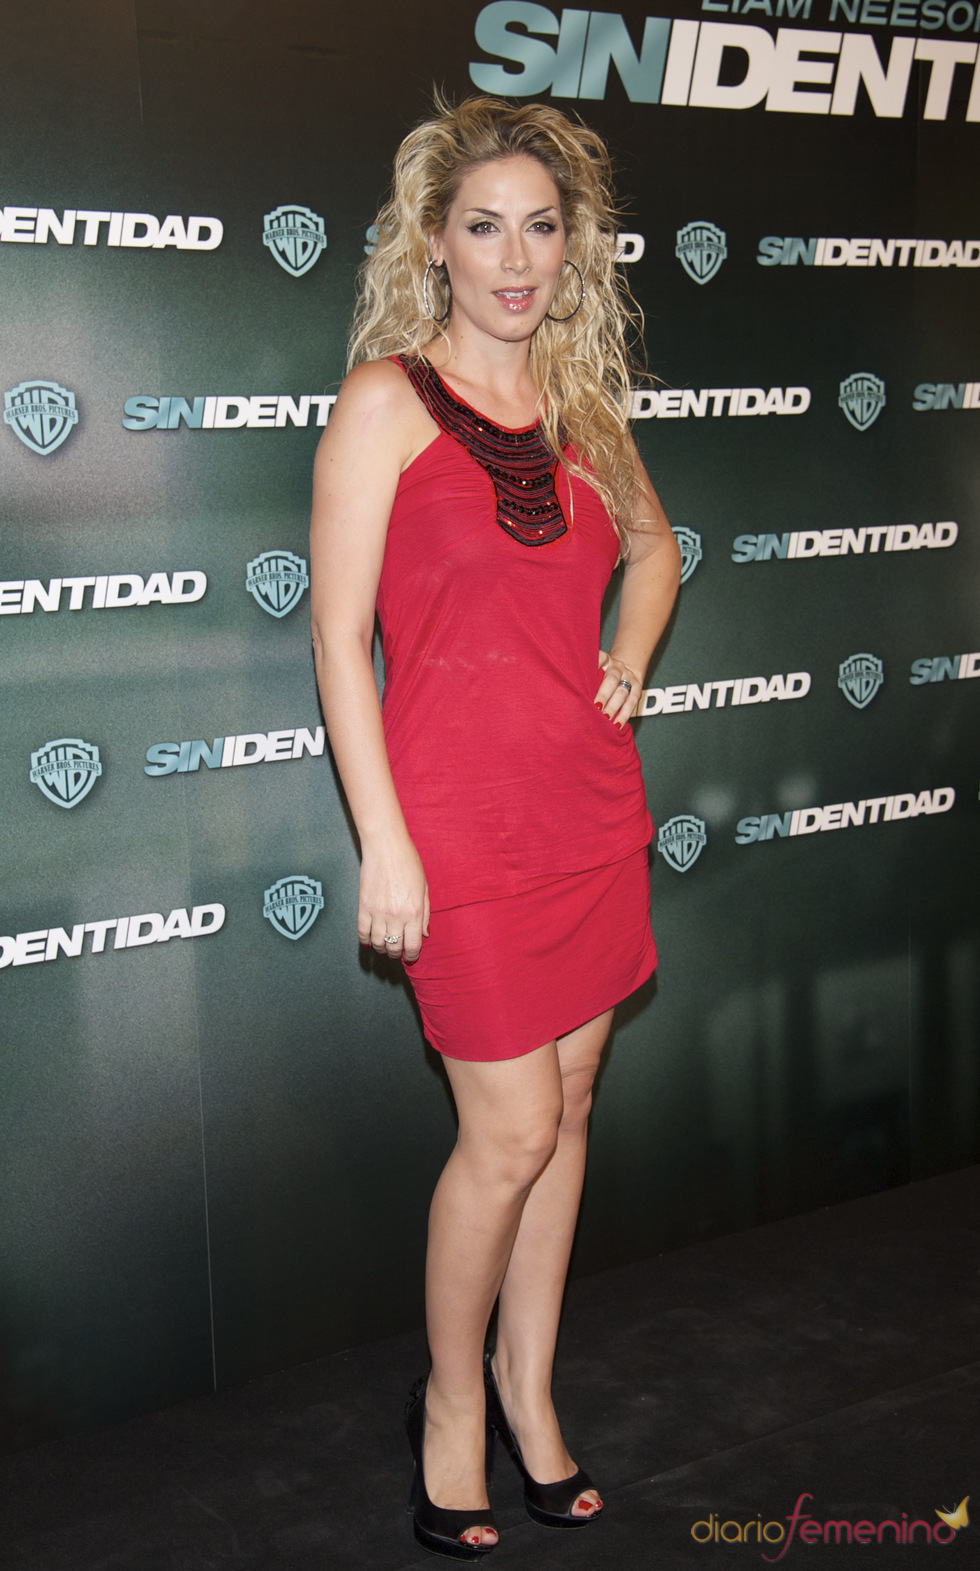 Roser en la premiere de 'Sin identidad' en Madrid